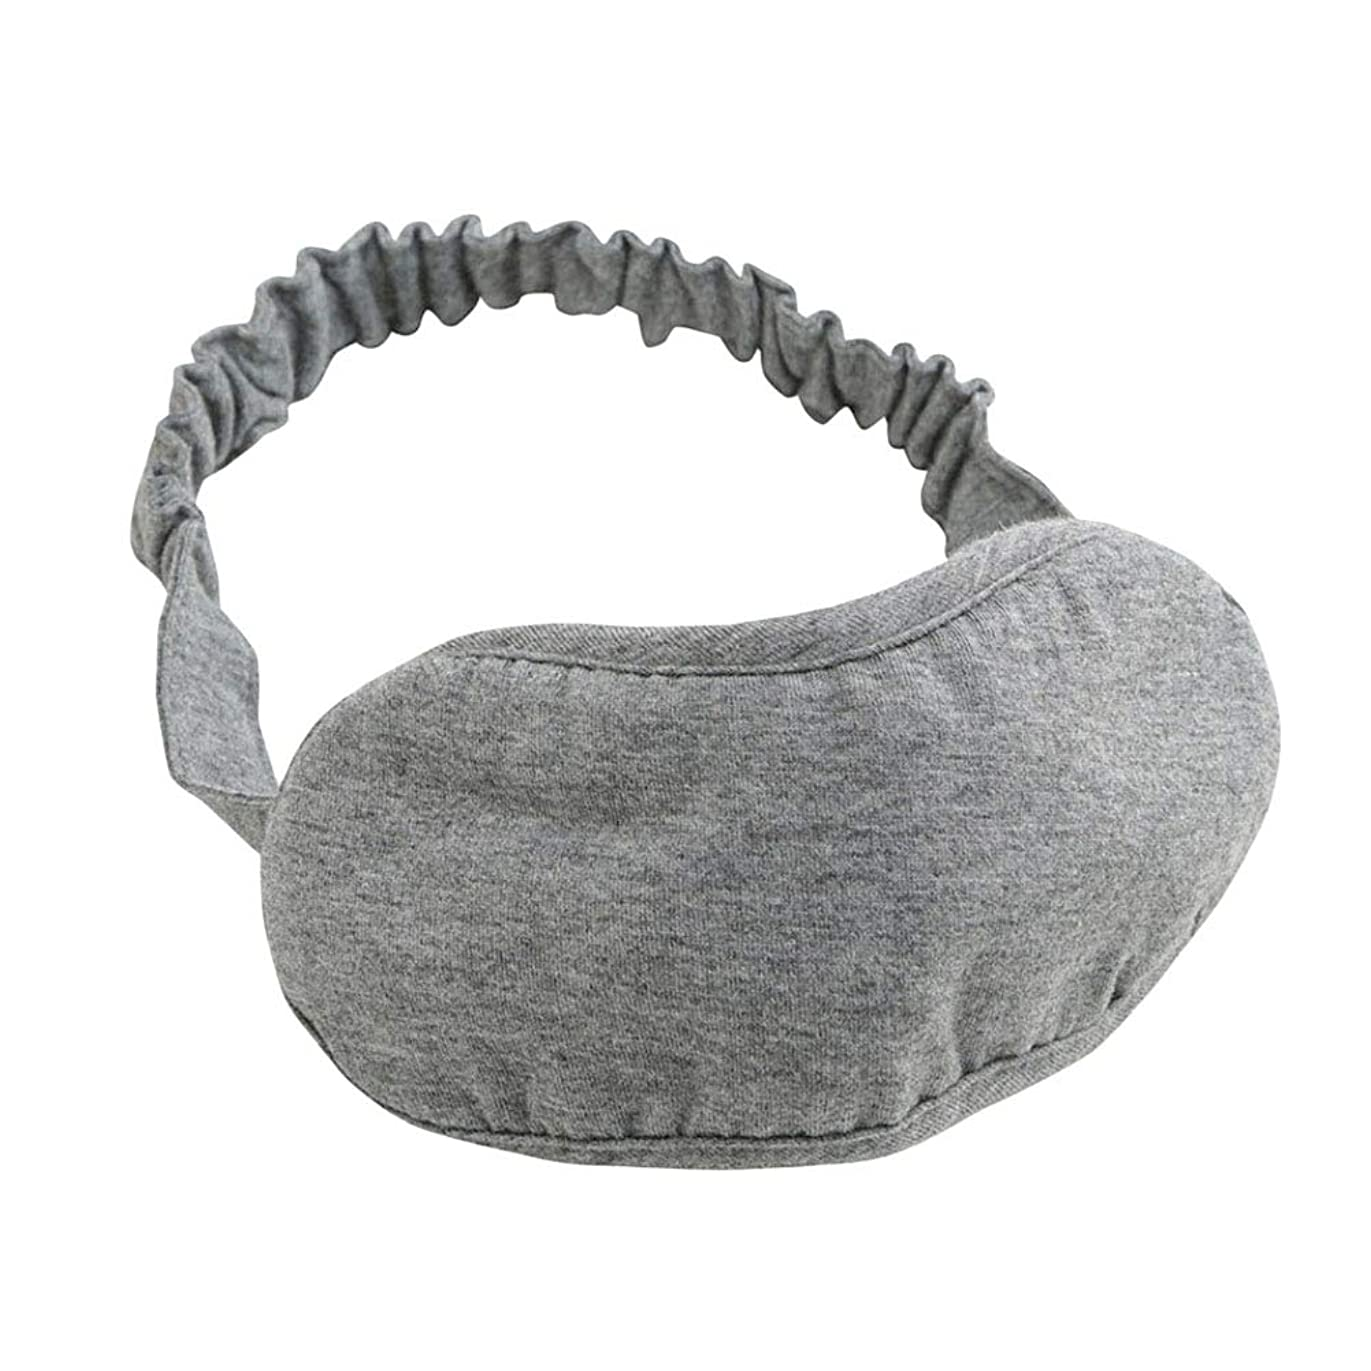 反対にカブ手数料SUPVOX 睡眠マスクコットンアイマスク厚手の目隠しアイカバー女性のための子供たちの子供ホームベッド旅行のフライトカーキャンプオフィス使用(グレー)